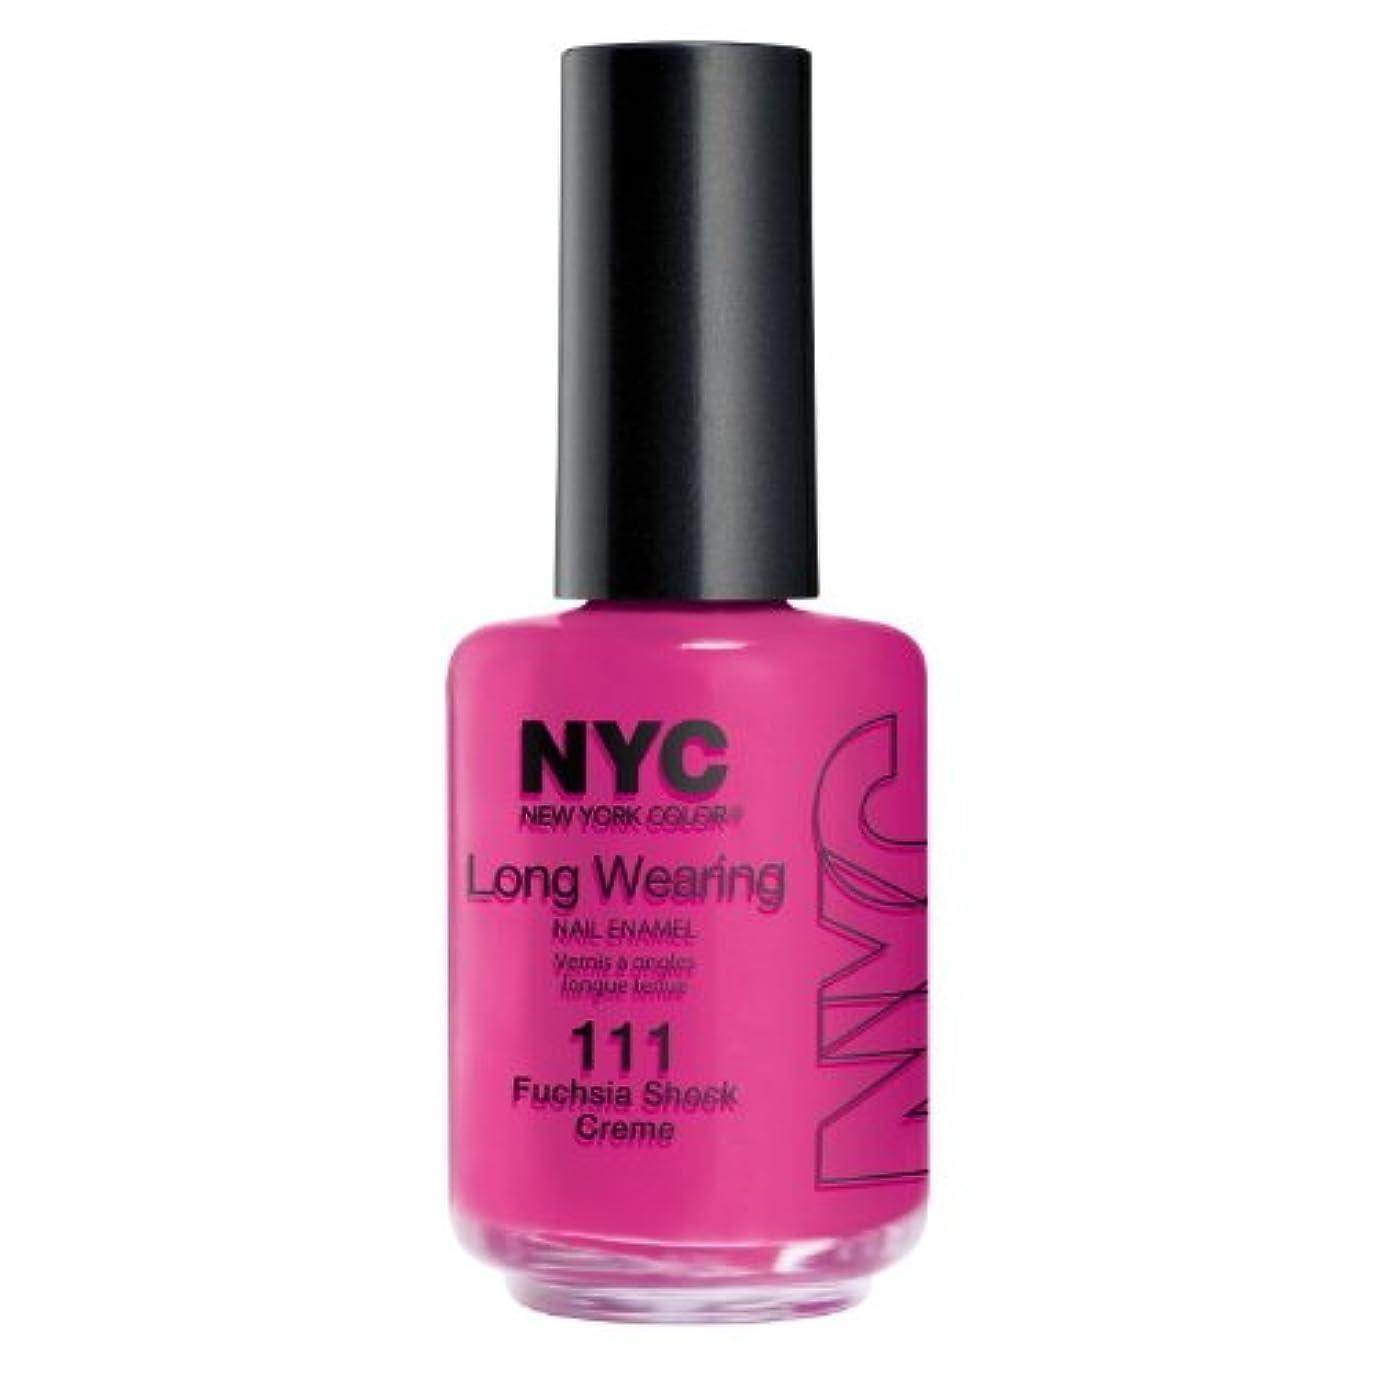 統治可能インシデント複雑なNYC Long Wearing Nail Enamel - Fuchisia Shock Creme (並行輸入品)